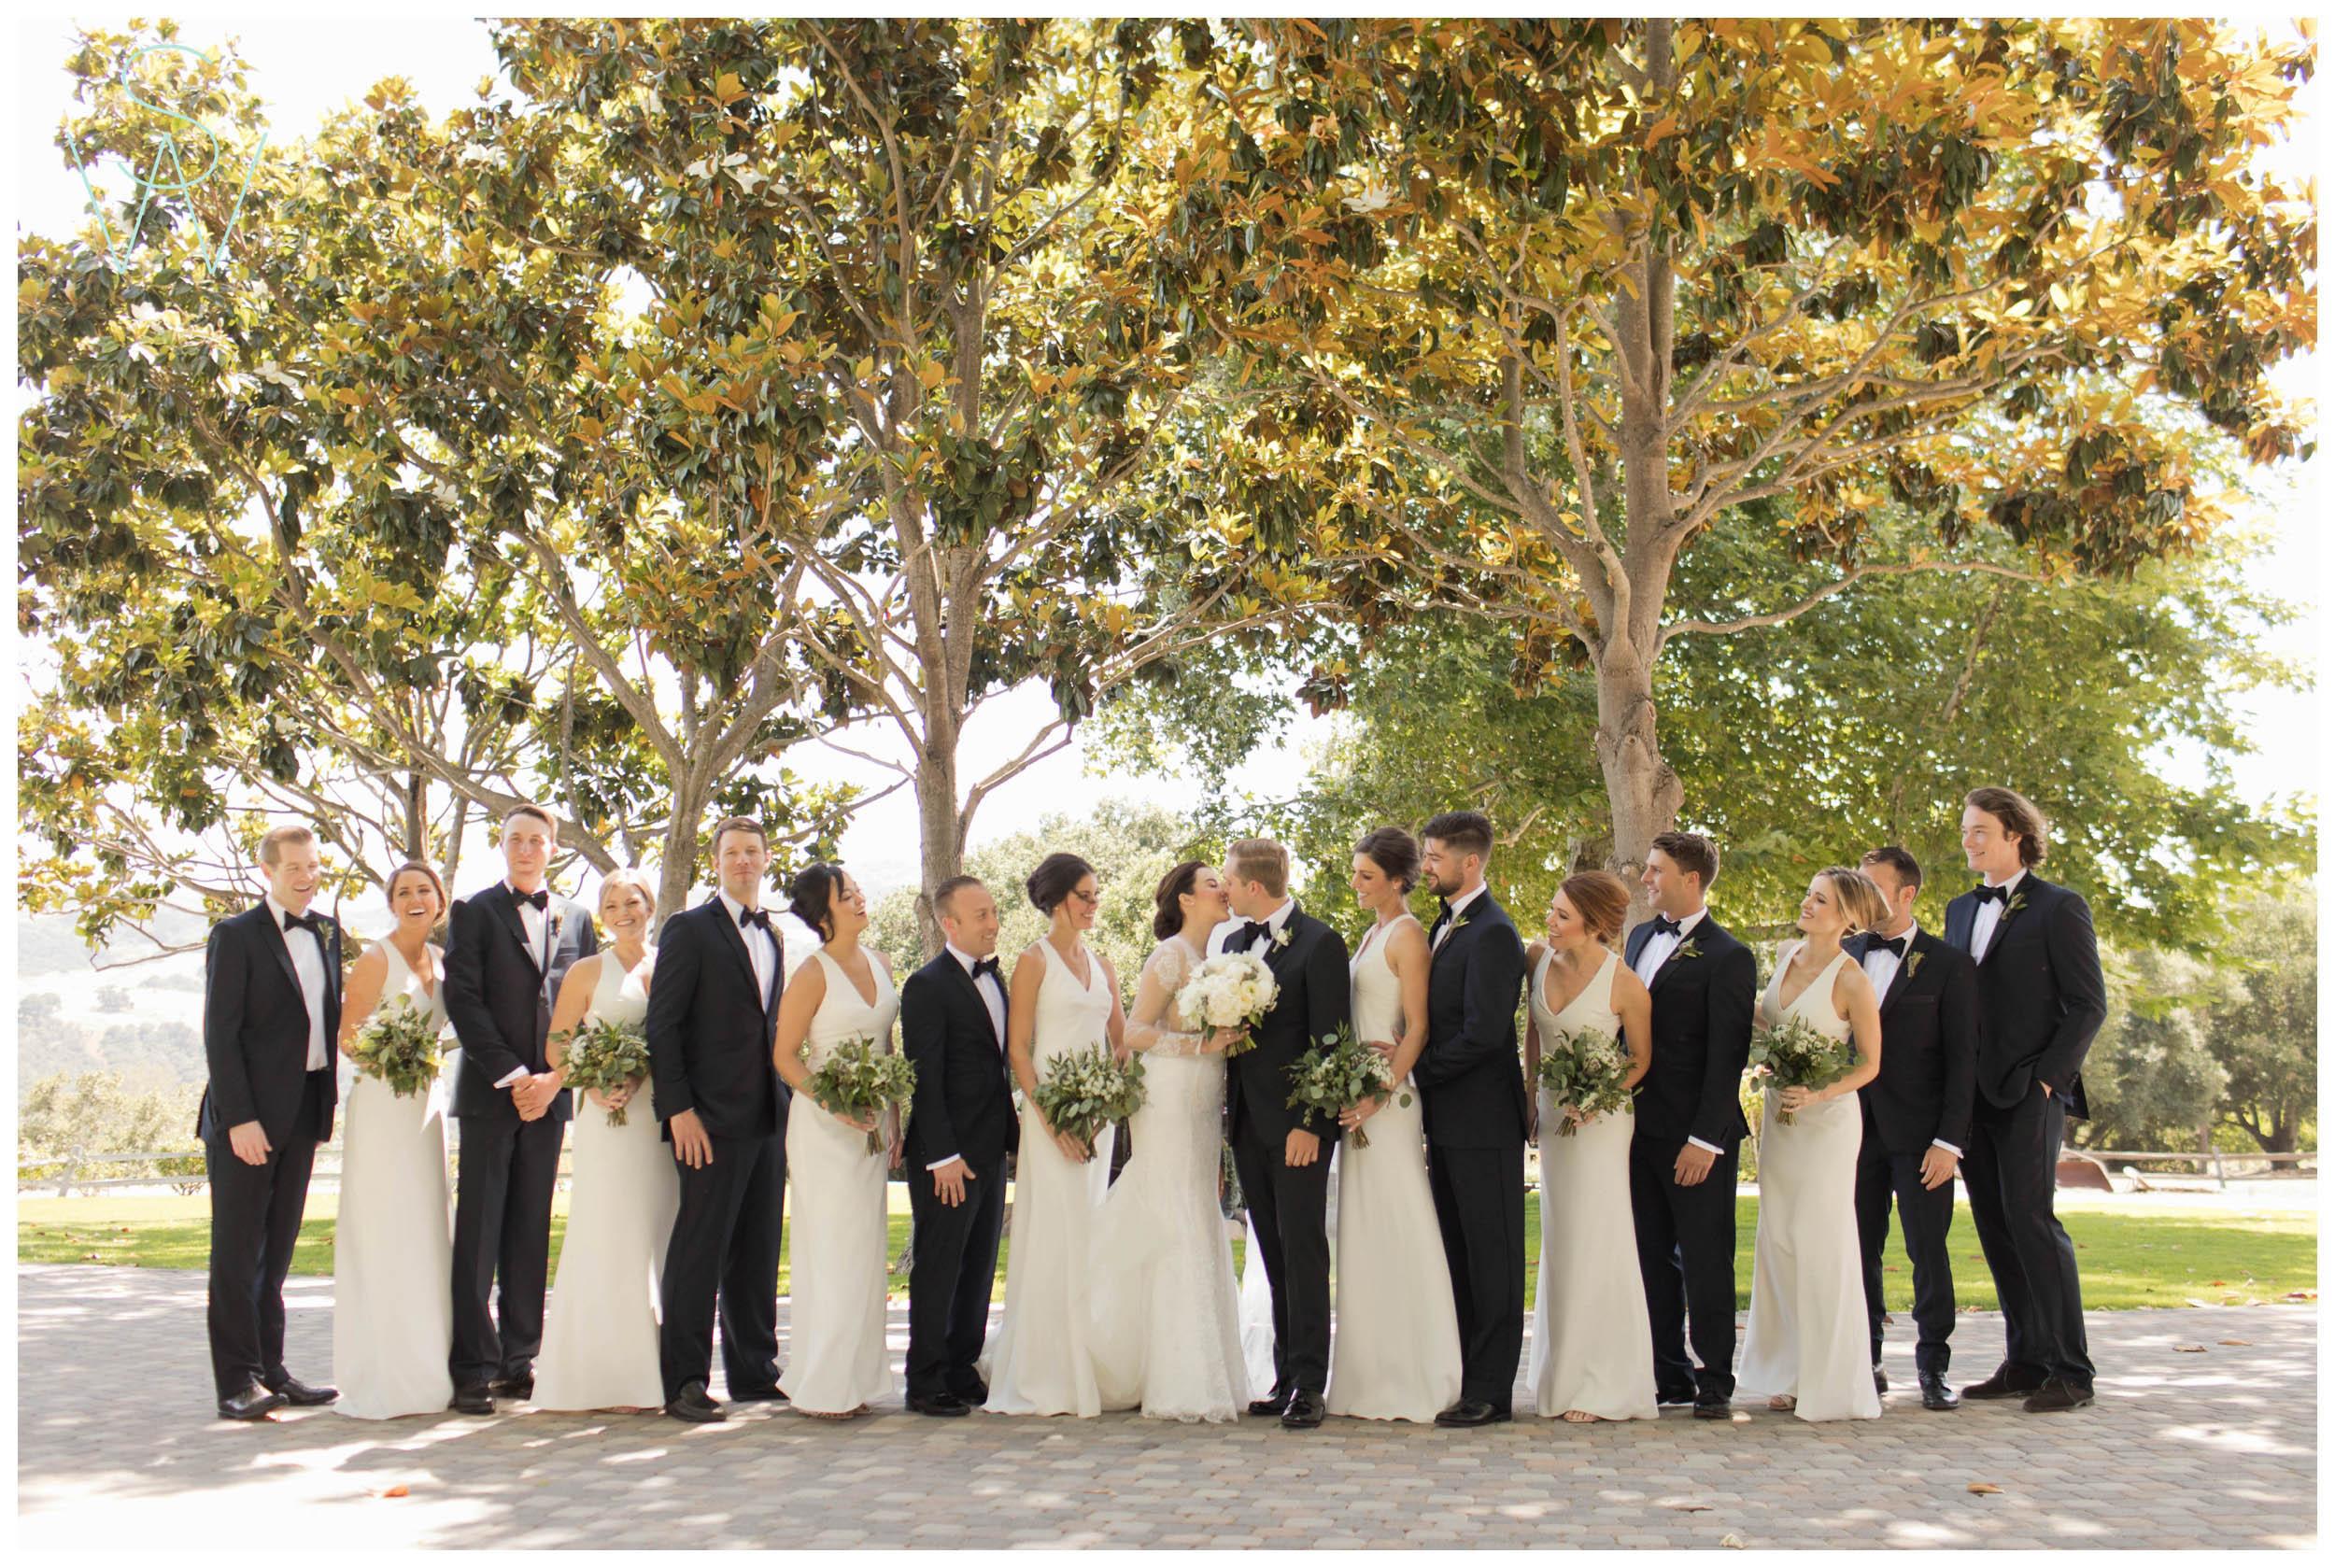 Shewanders.san_.diego_.wedding.photography.private.estate.tara_.jason-3812.jpg.diego_.wedding.photography.private.estate.tara_.jason-381.jpg